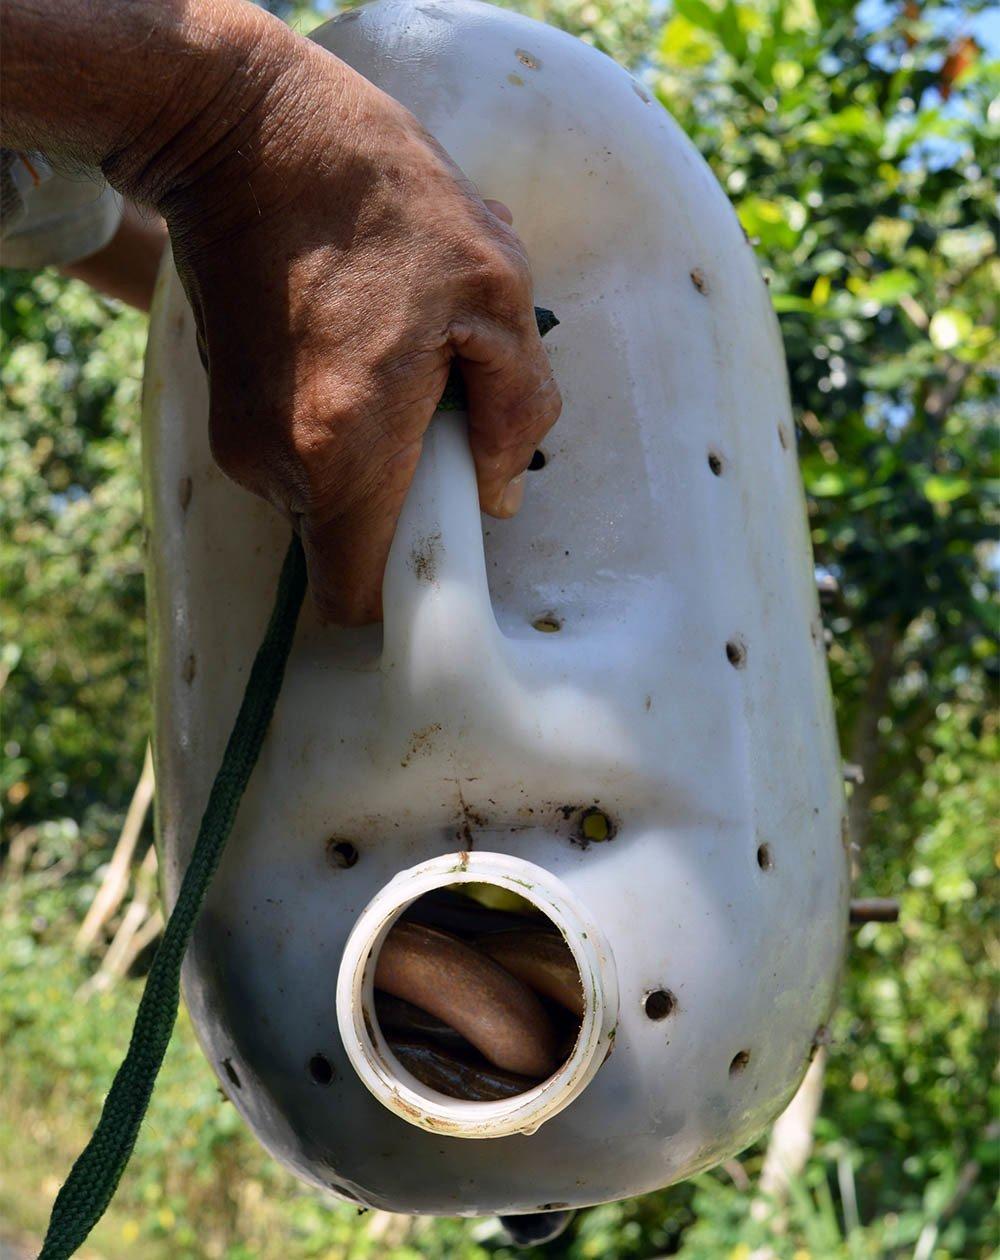 Chuyện lạ miền Tây: Phát hãi ngàn con lươn lúc nhúc trong cái can nhựa-4